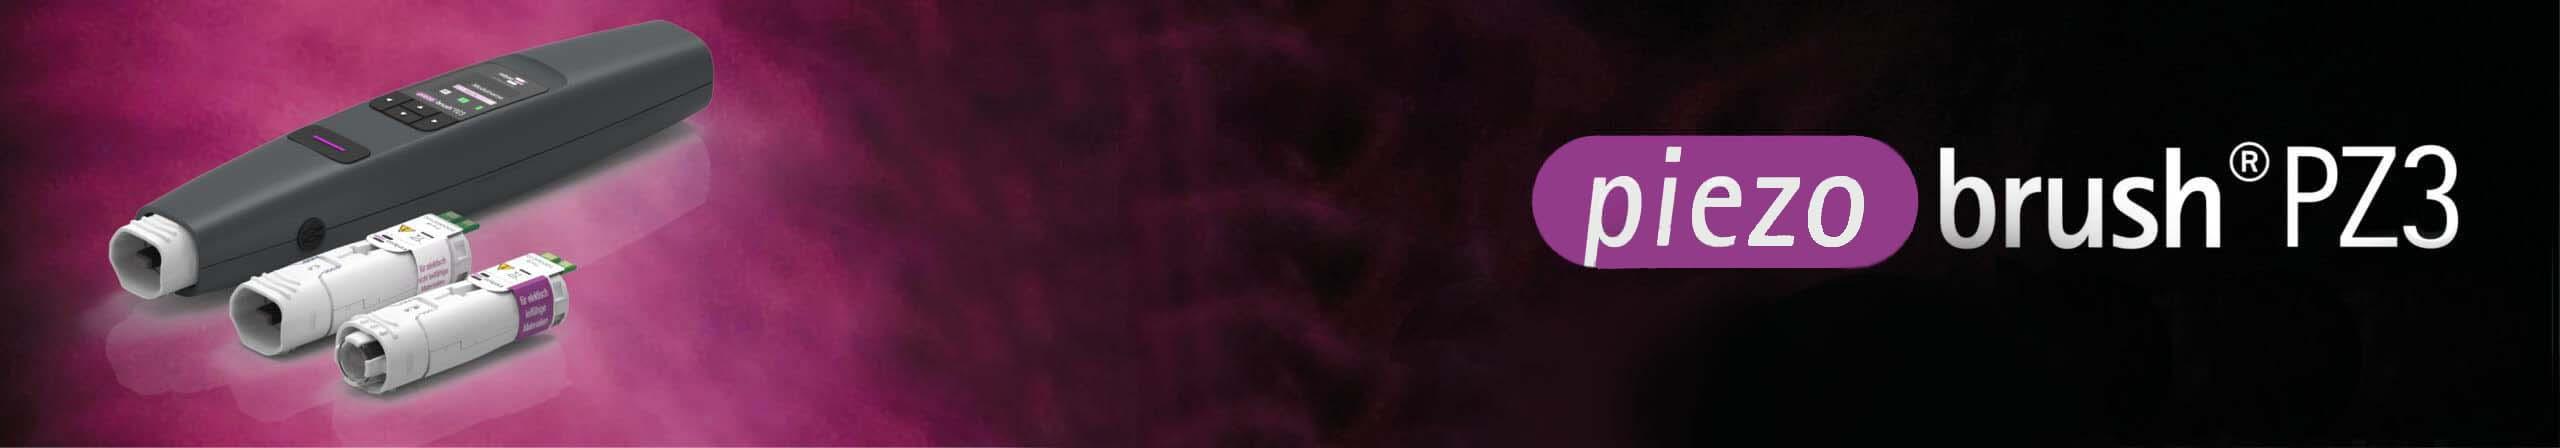 piezobrush® PZ3 - das weltweit kleinste Plasma Handgerät mit PDD Technologie®